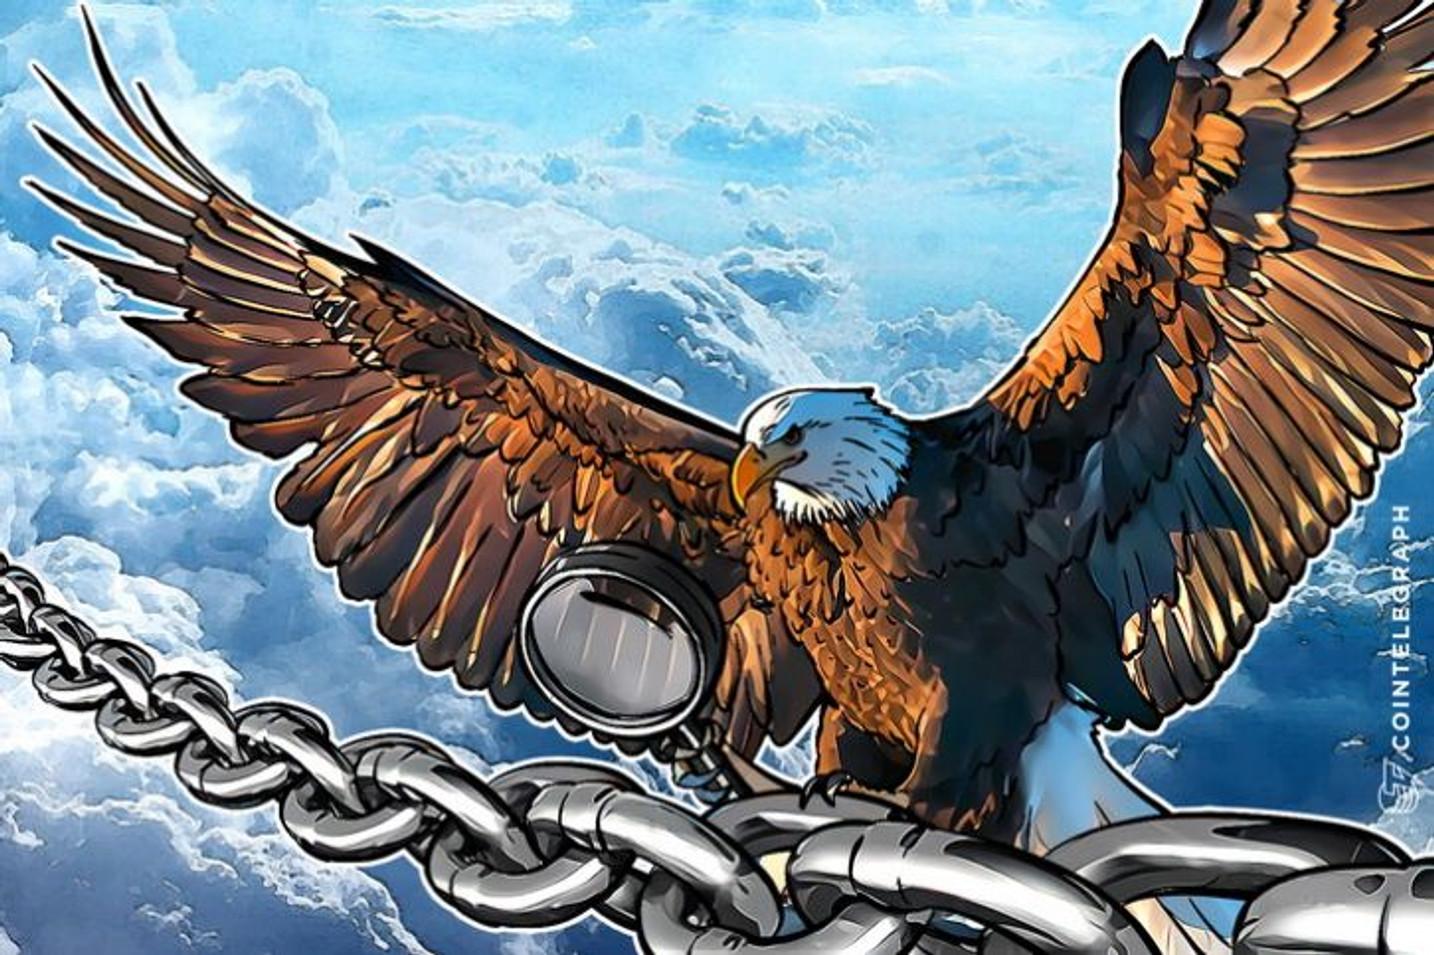 Federalne Rezerve počinju da istražuju blockchain tehnologiju